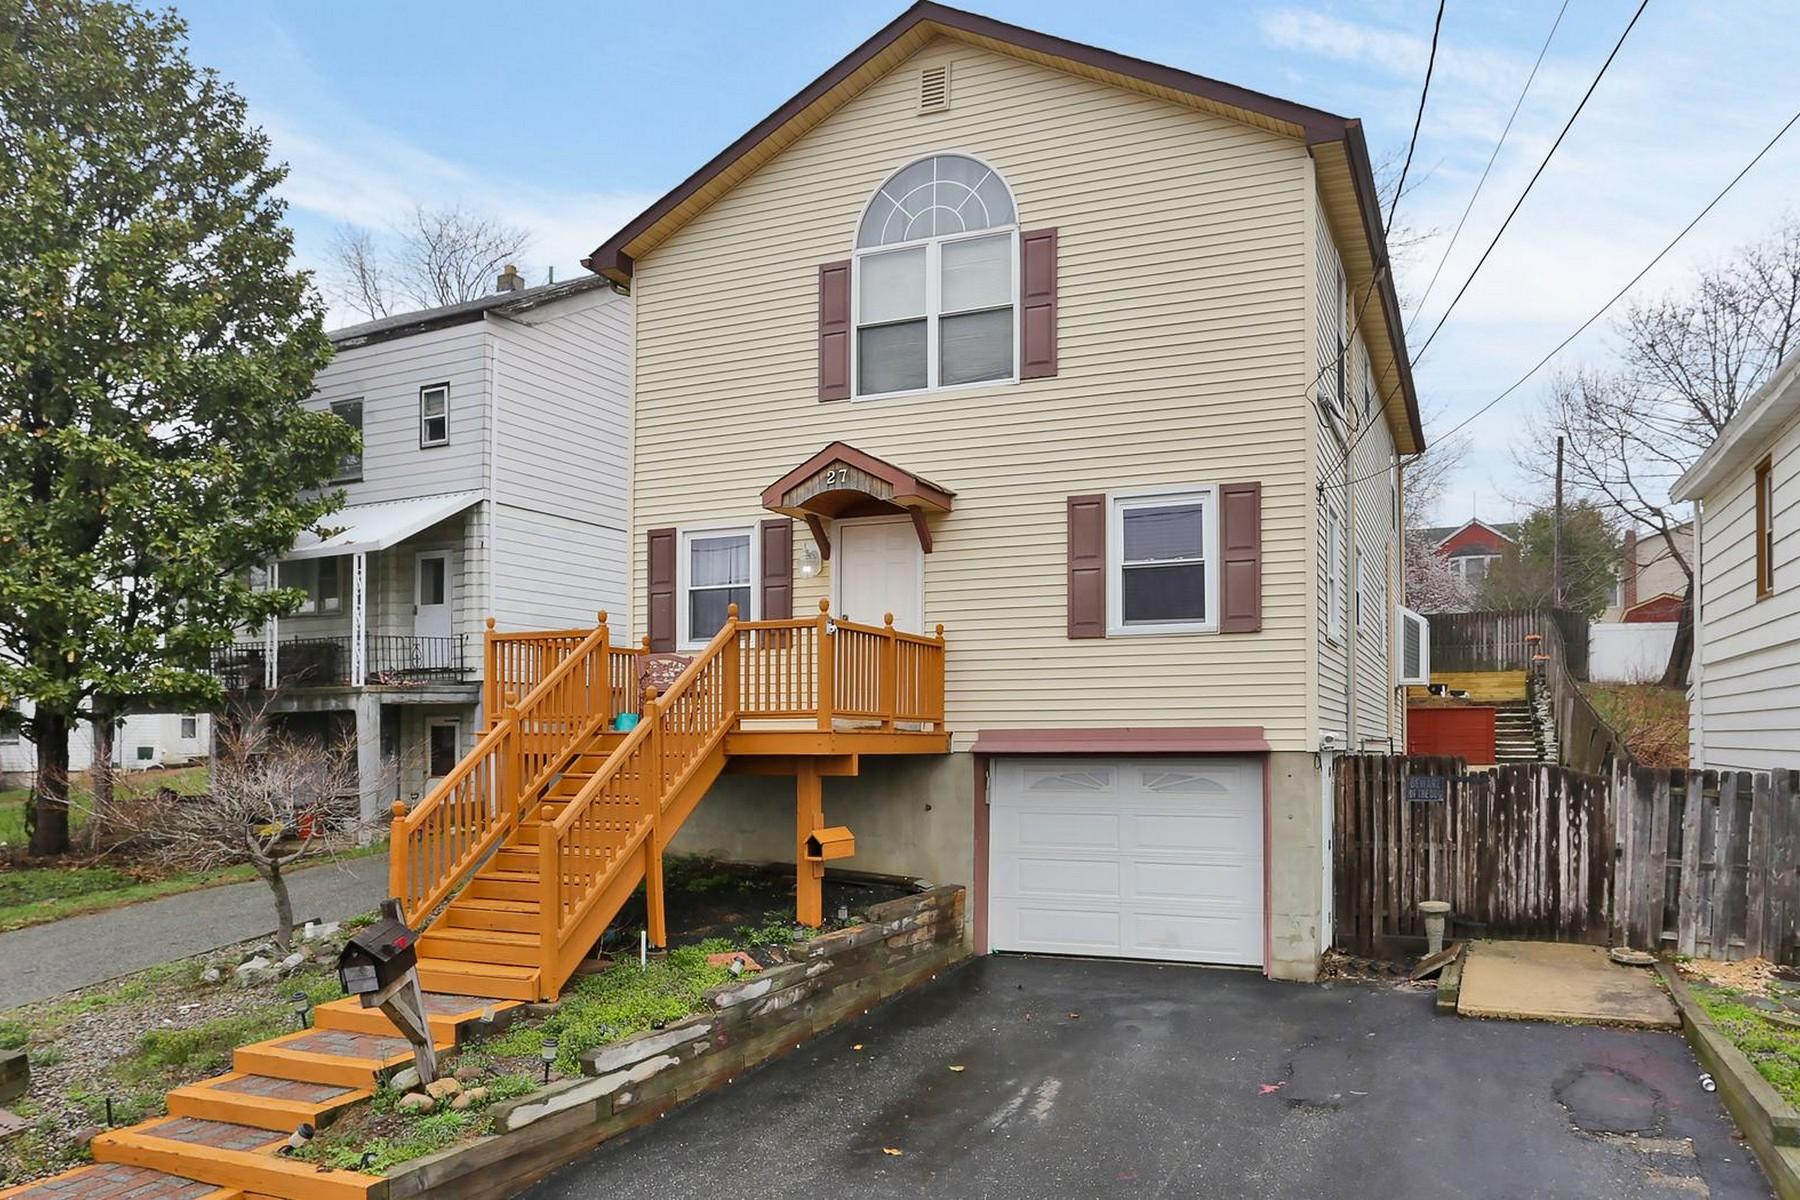 Maison unifamiliale pour l Vente à Great home overlooking the bay! 27 Beers Street Keyport, New Jersey 07735 États-Unis